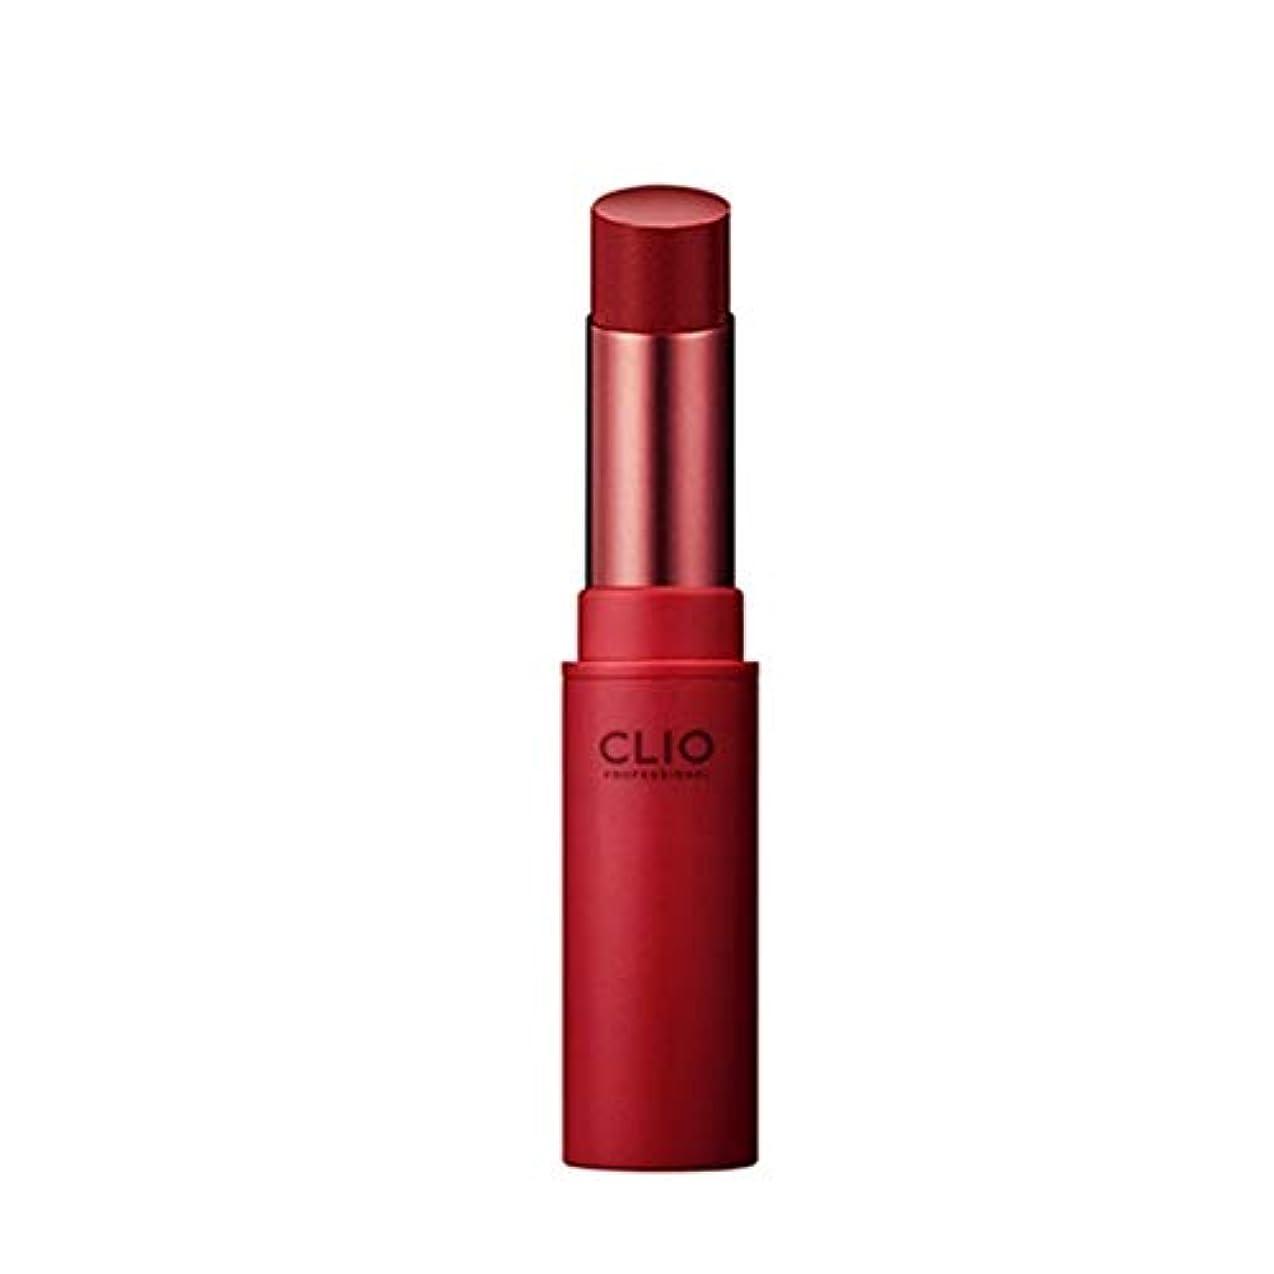 ガジュマルほとんどの場合顔料クリオマッドマットリップADリップスティック韓国コスメ、Clio Mad Matte Lips AD Lipstick Korean Cosmetics [並行輸入品] (18. deep cranberry)